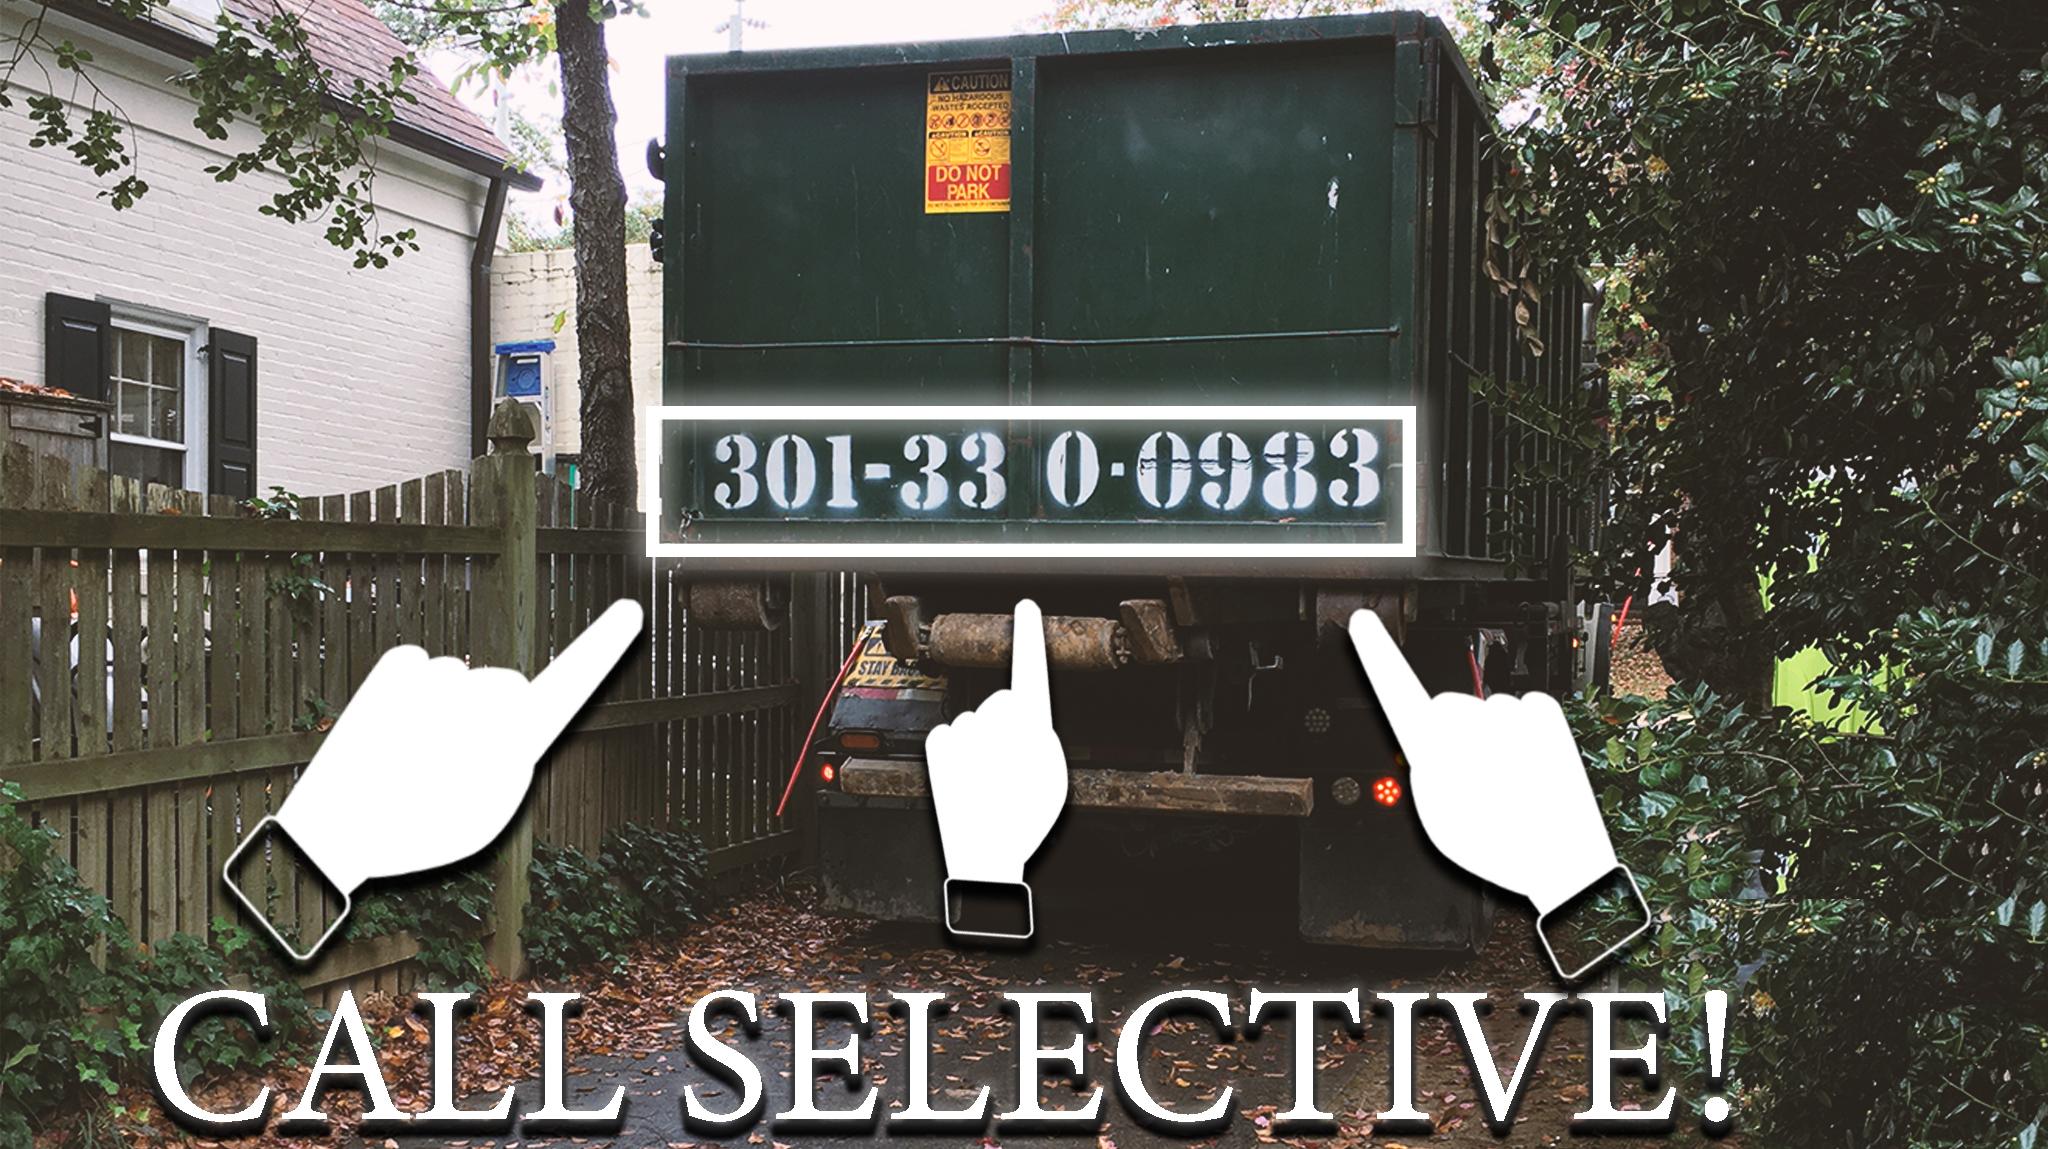 Dumpster rental reston virginia